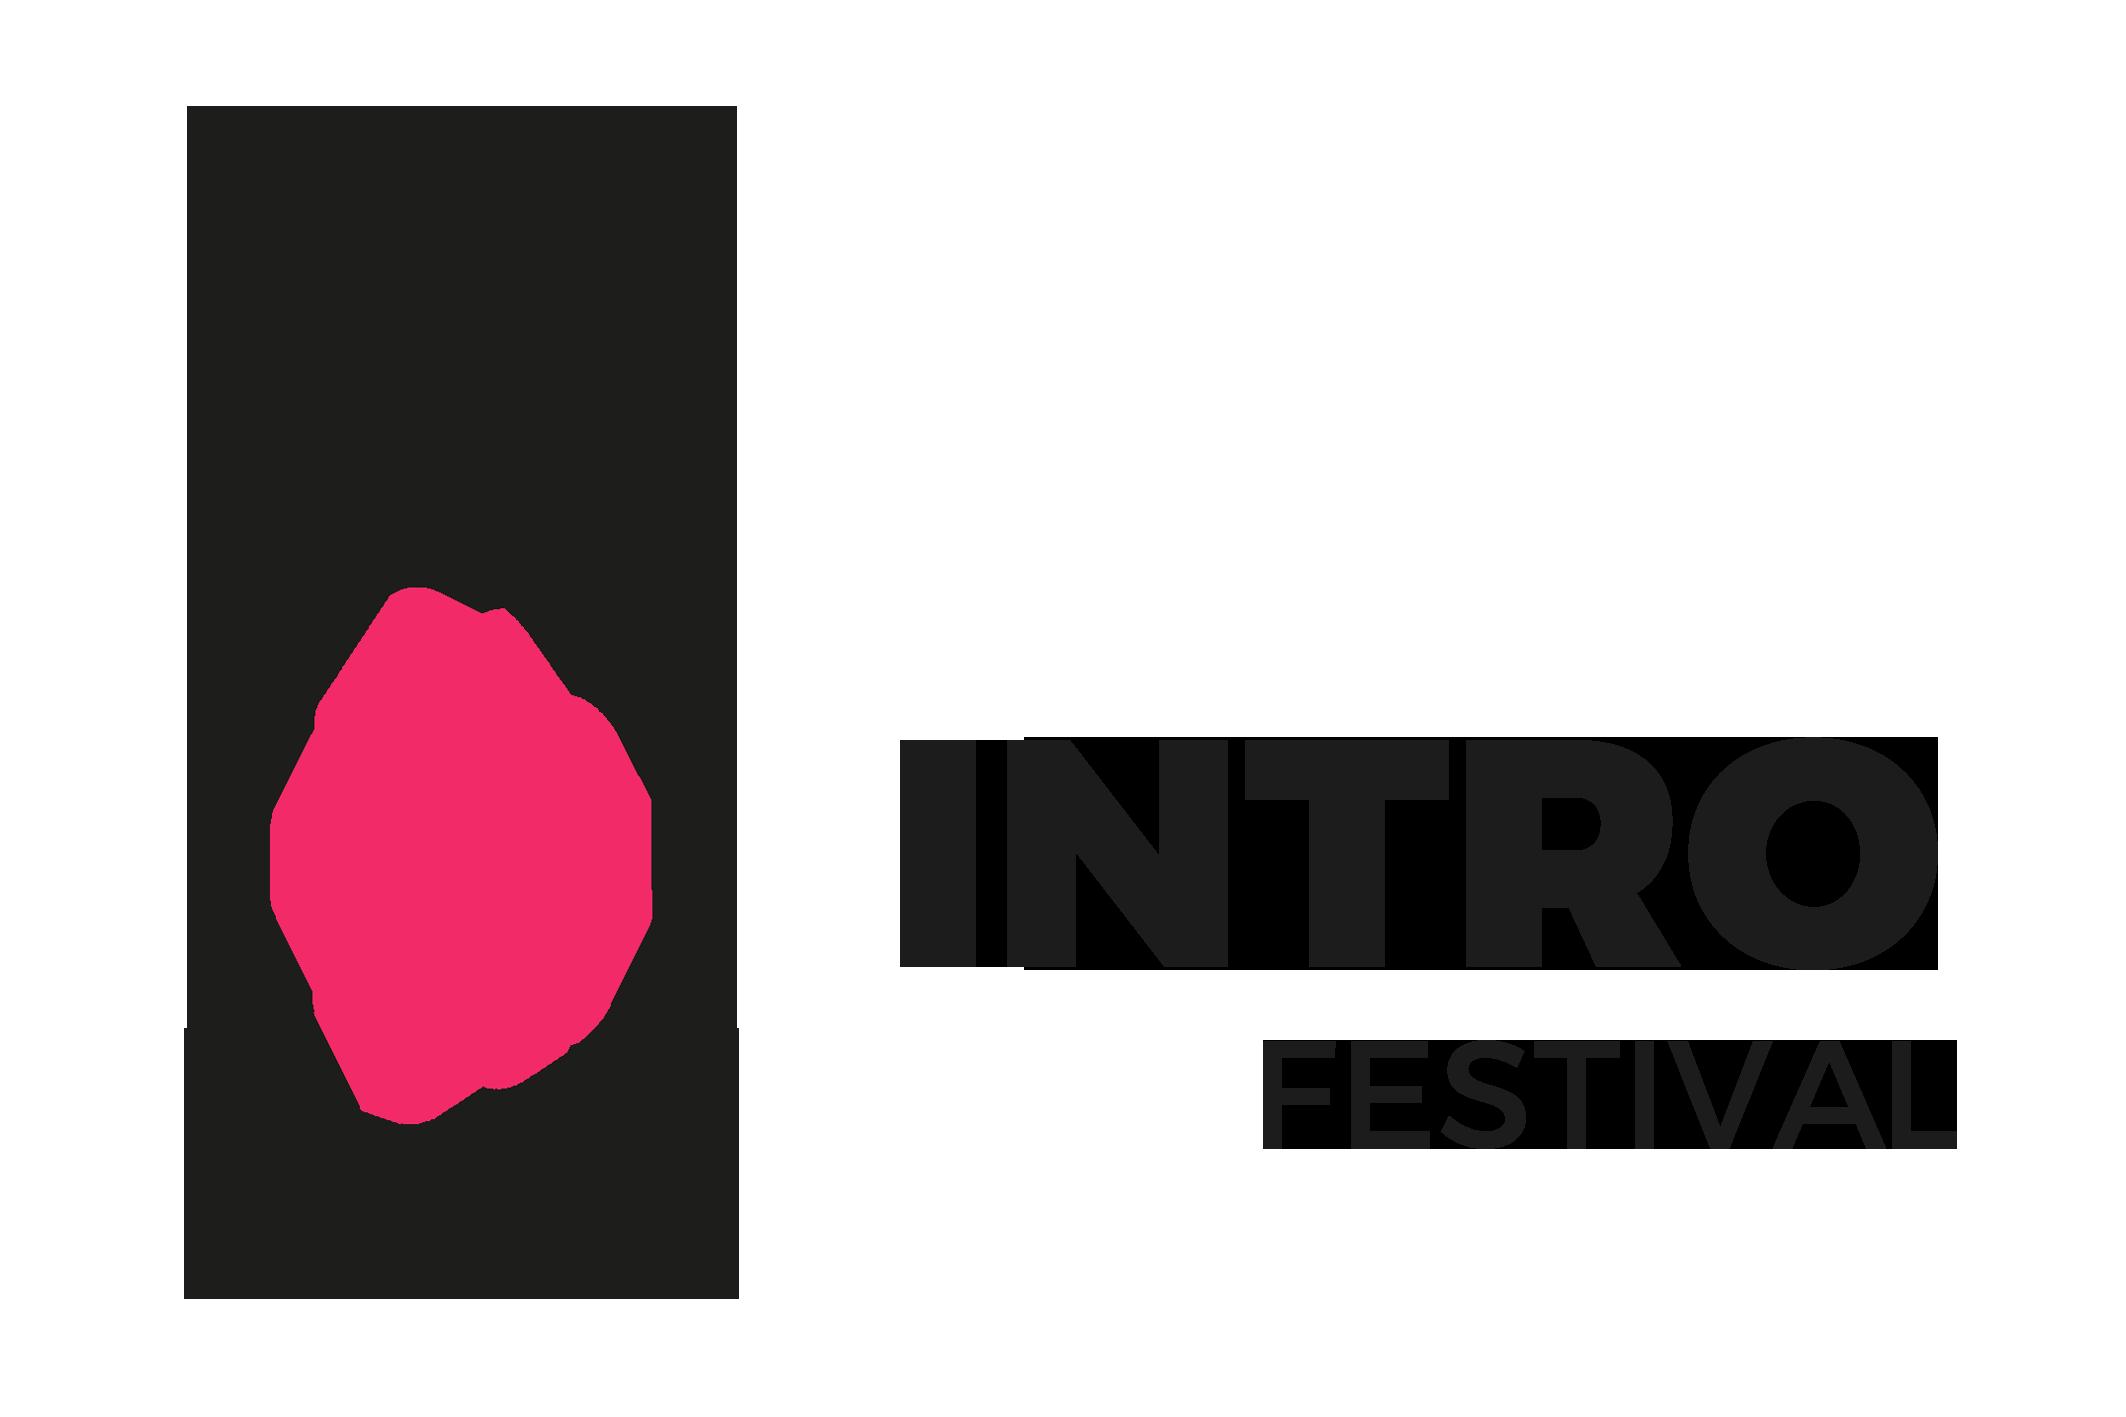 INTRO Festival 2018 (źródło: materiały prasowe)